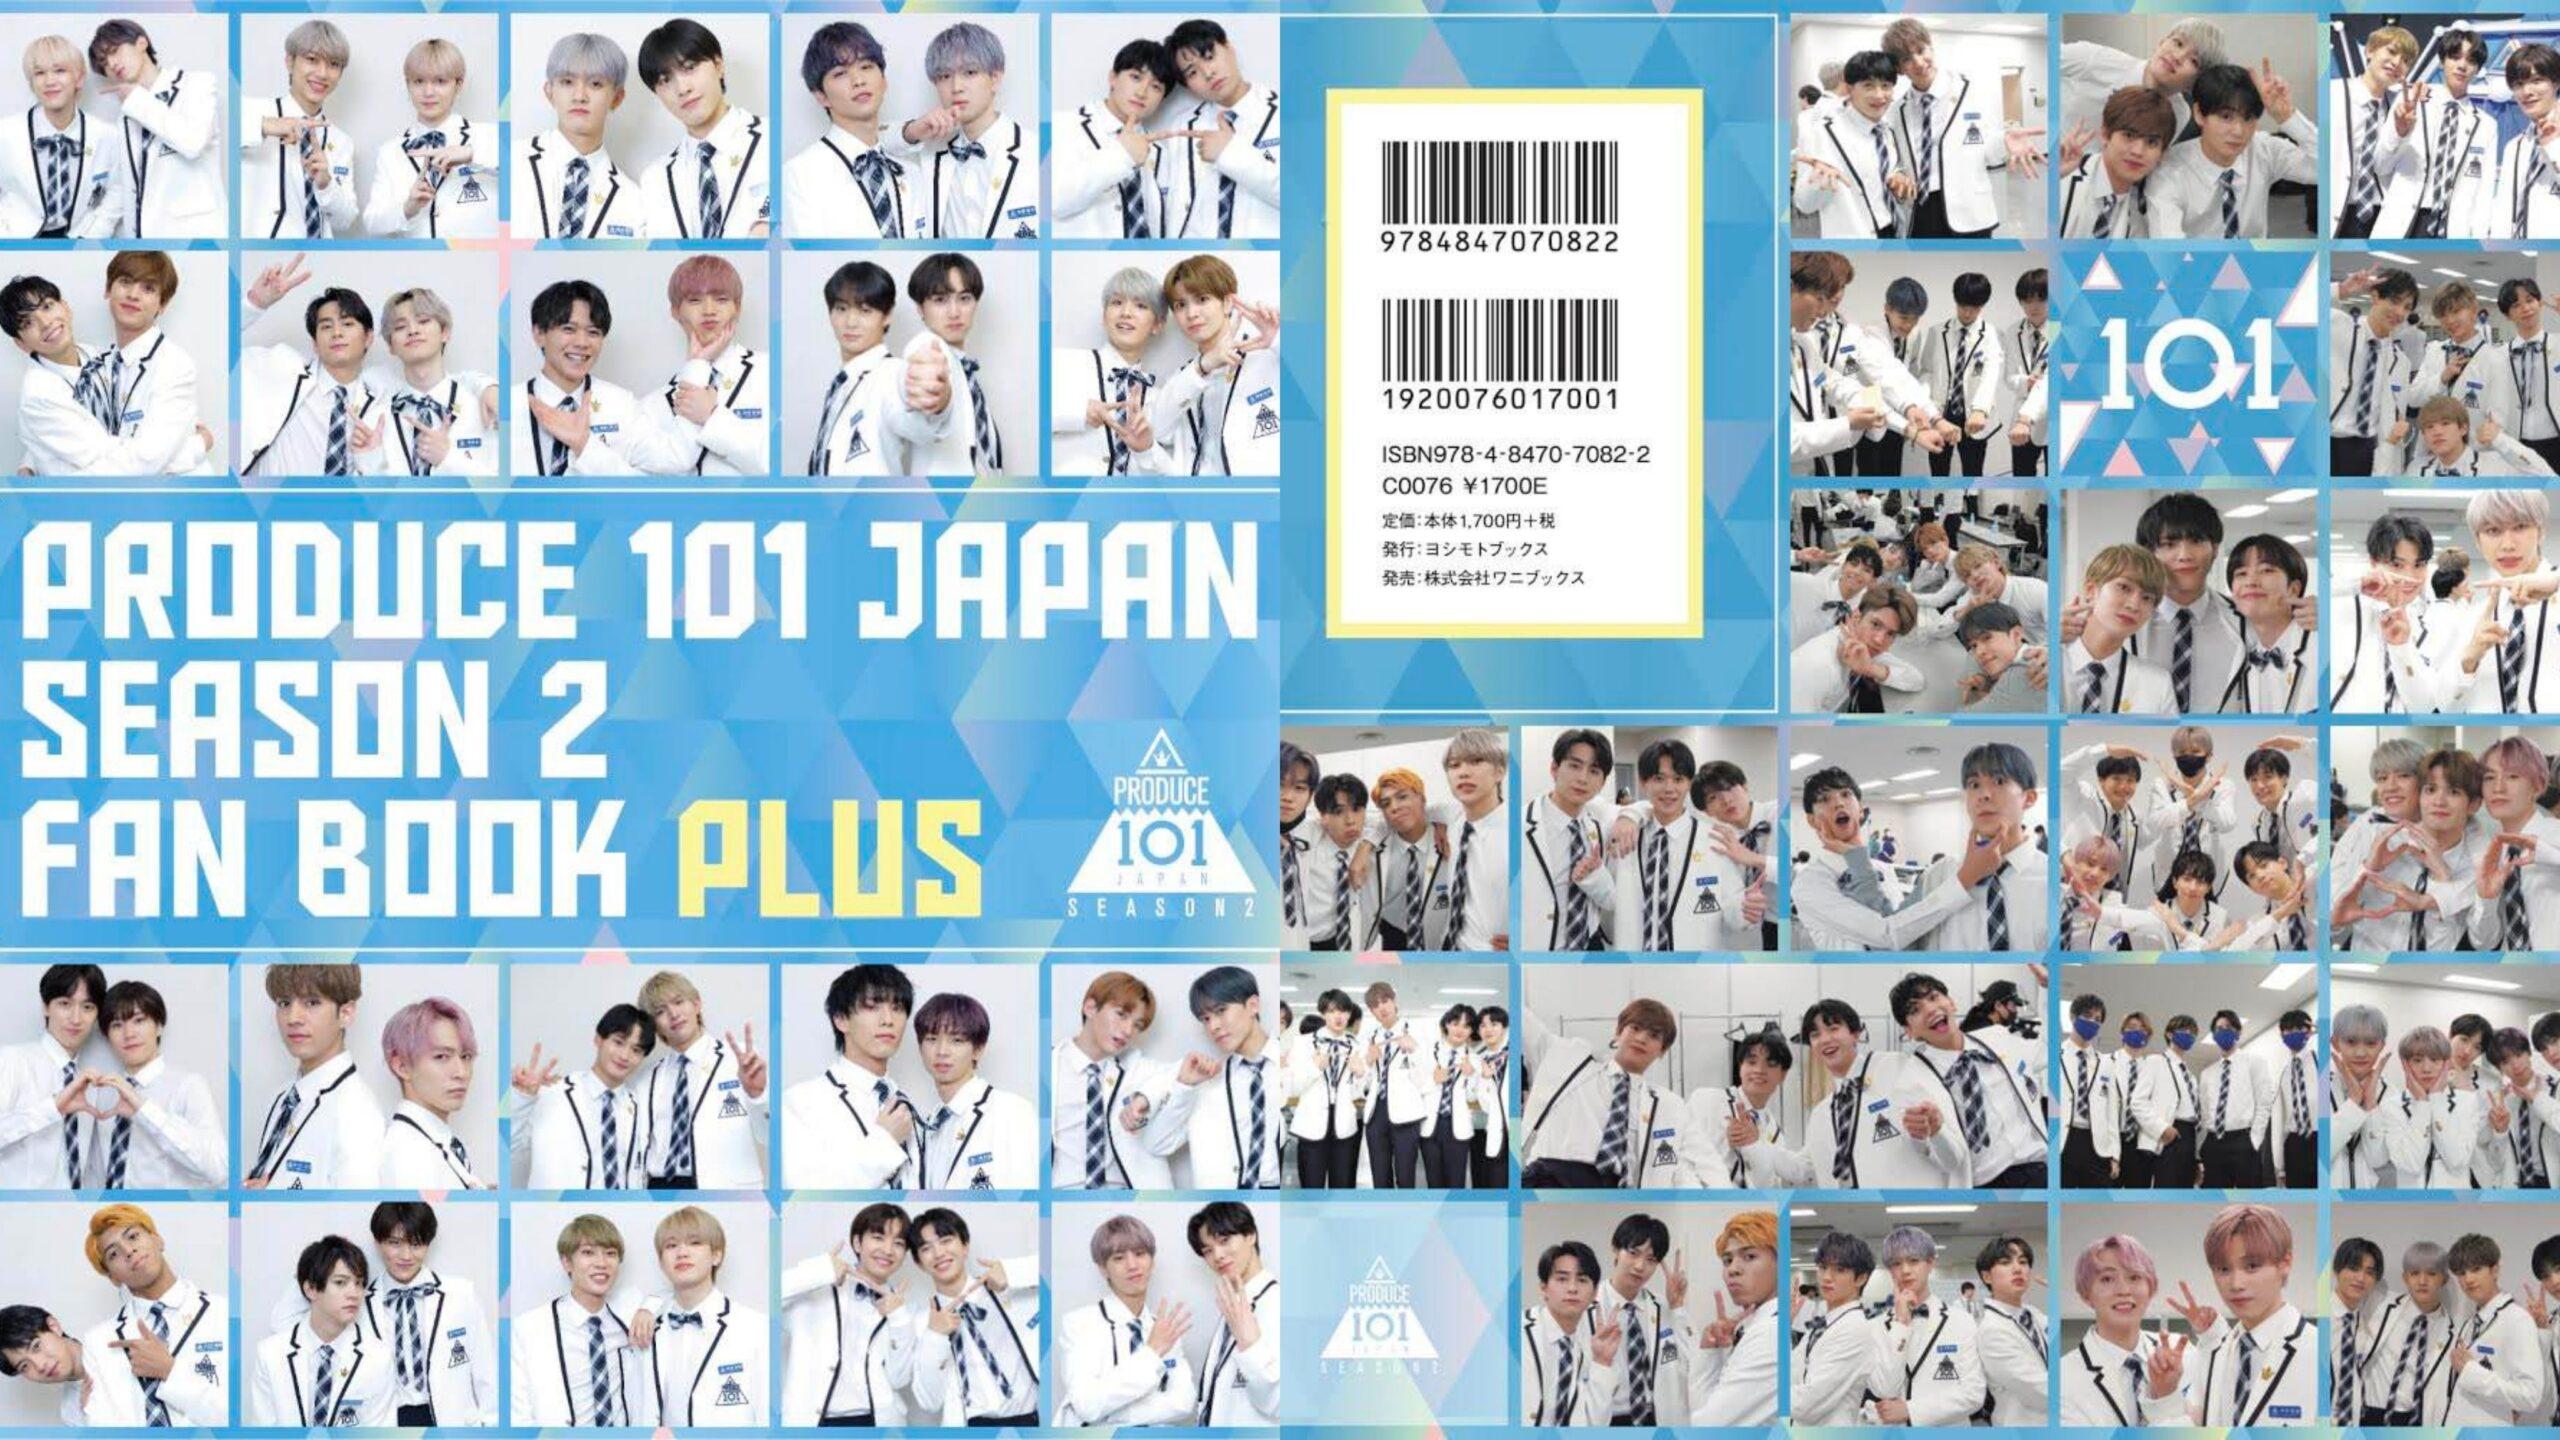 その②:「PRODUCE 101 JAPAN SEASON2 FAN BOOK plus」